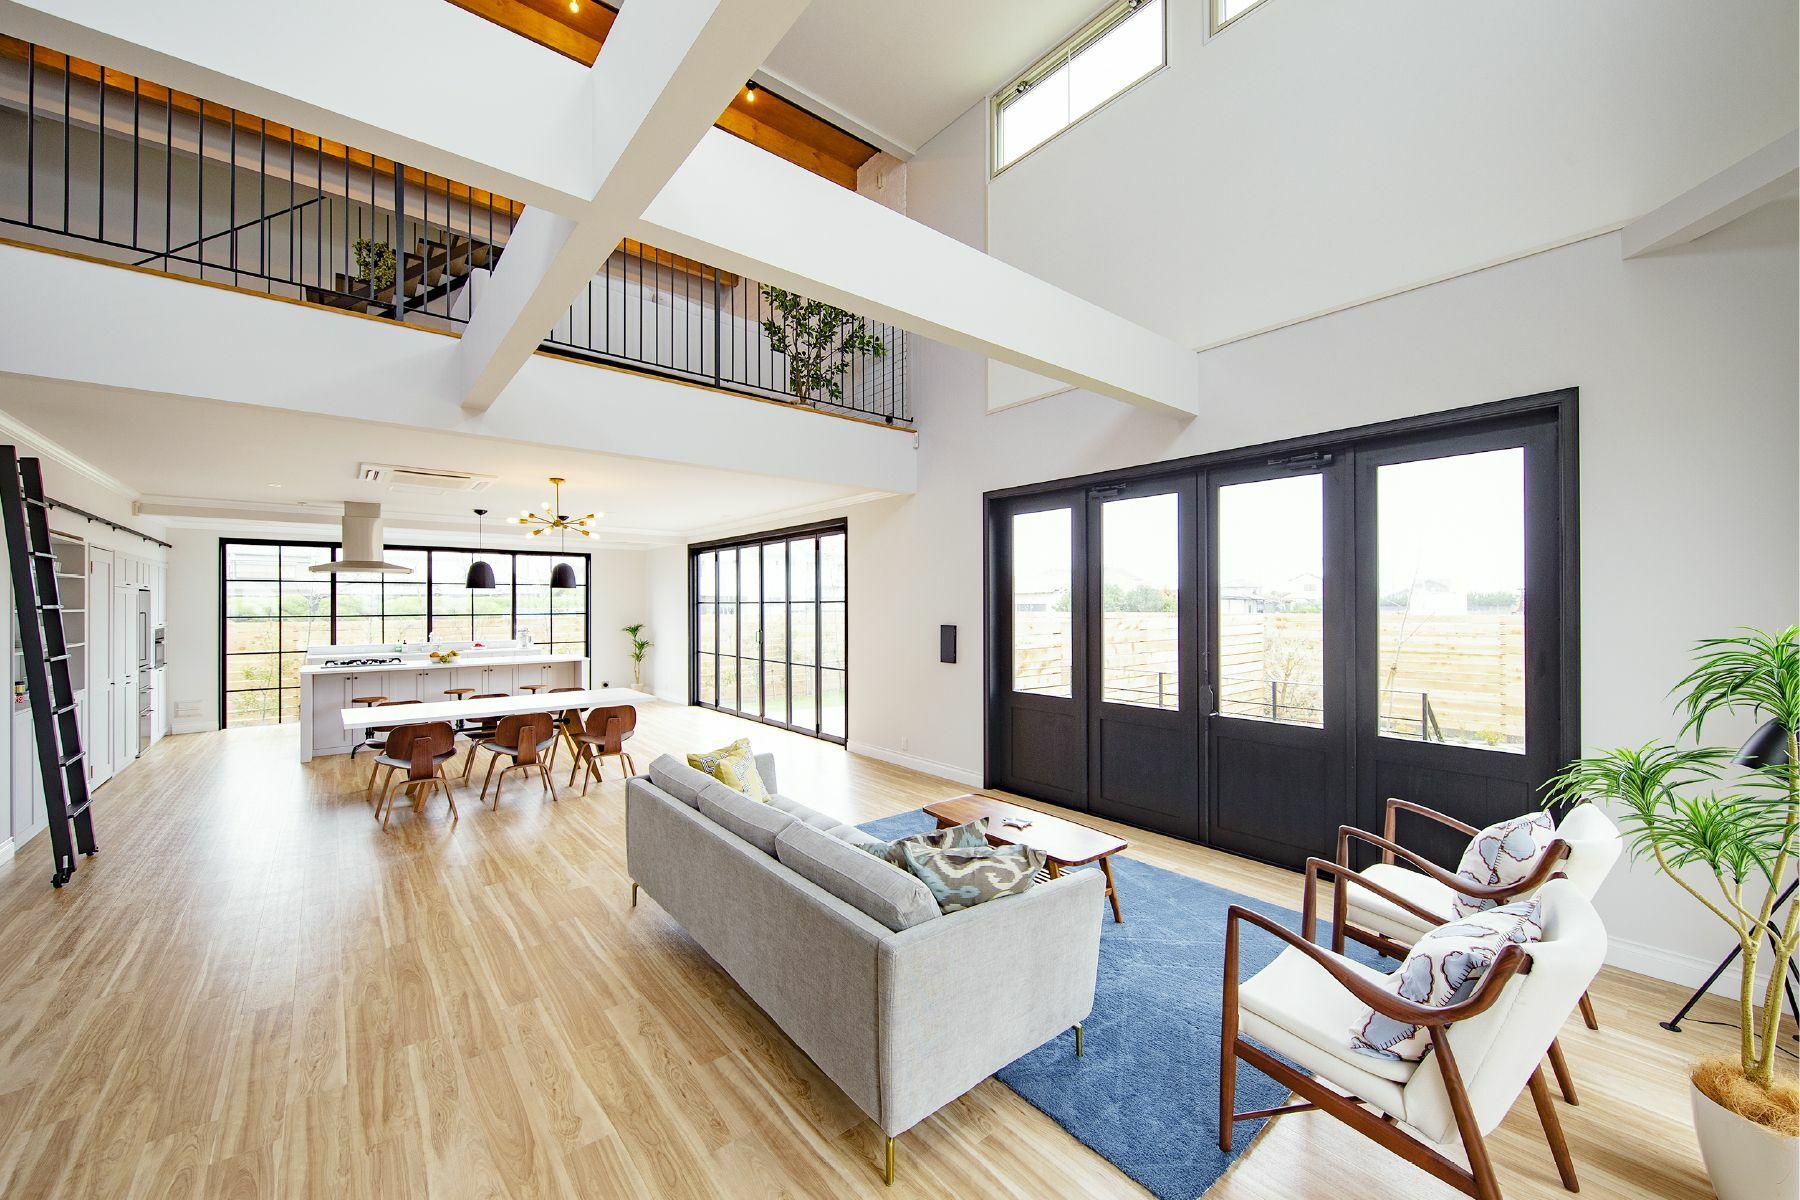 Studio One Kujyukuri Beach (スタジオ ワン クジュウクリ ビーチ)屋上から海を背景に撮影可能